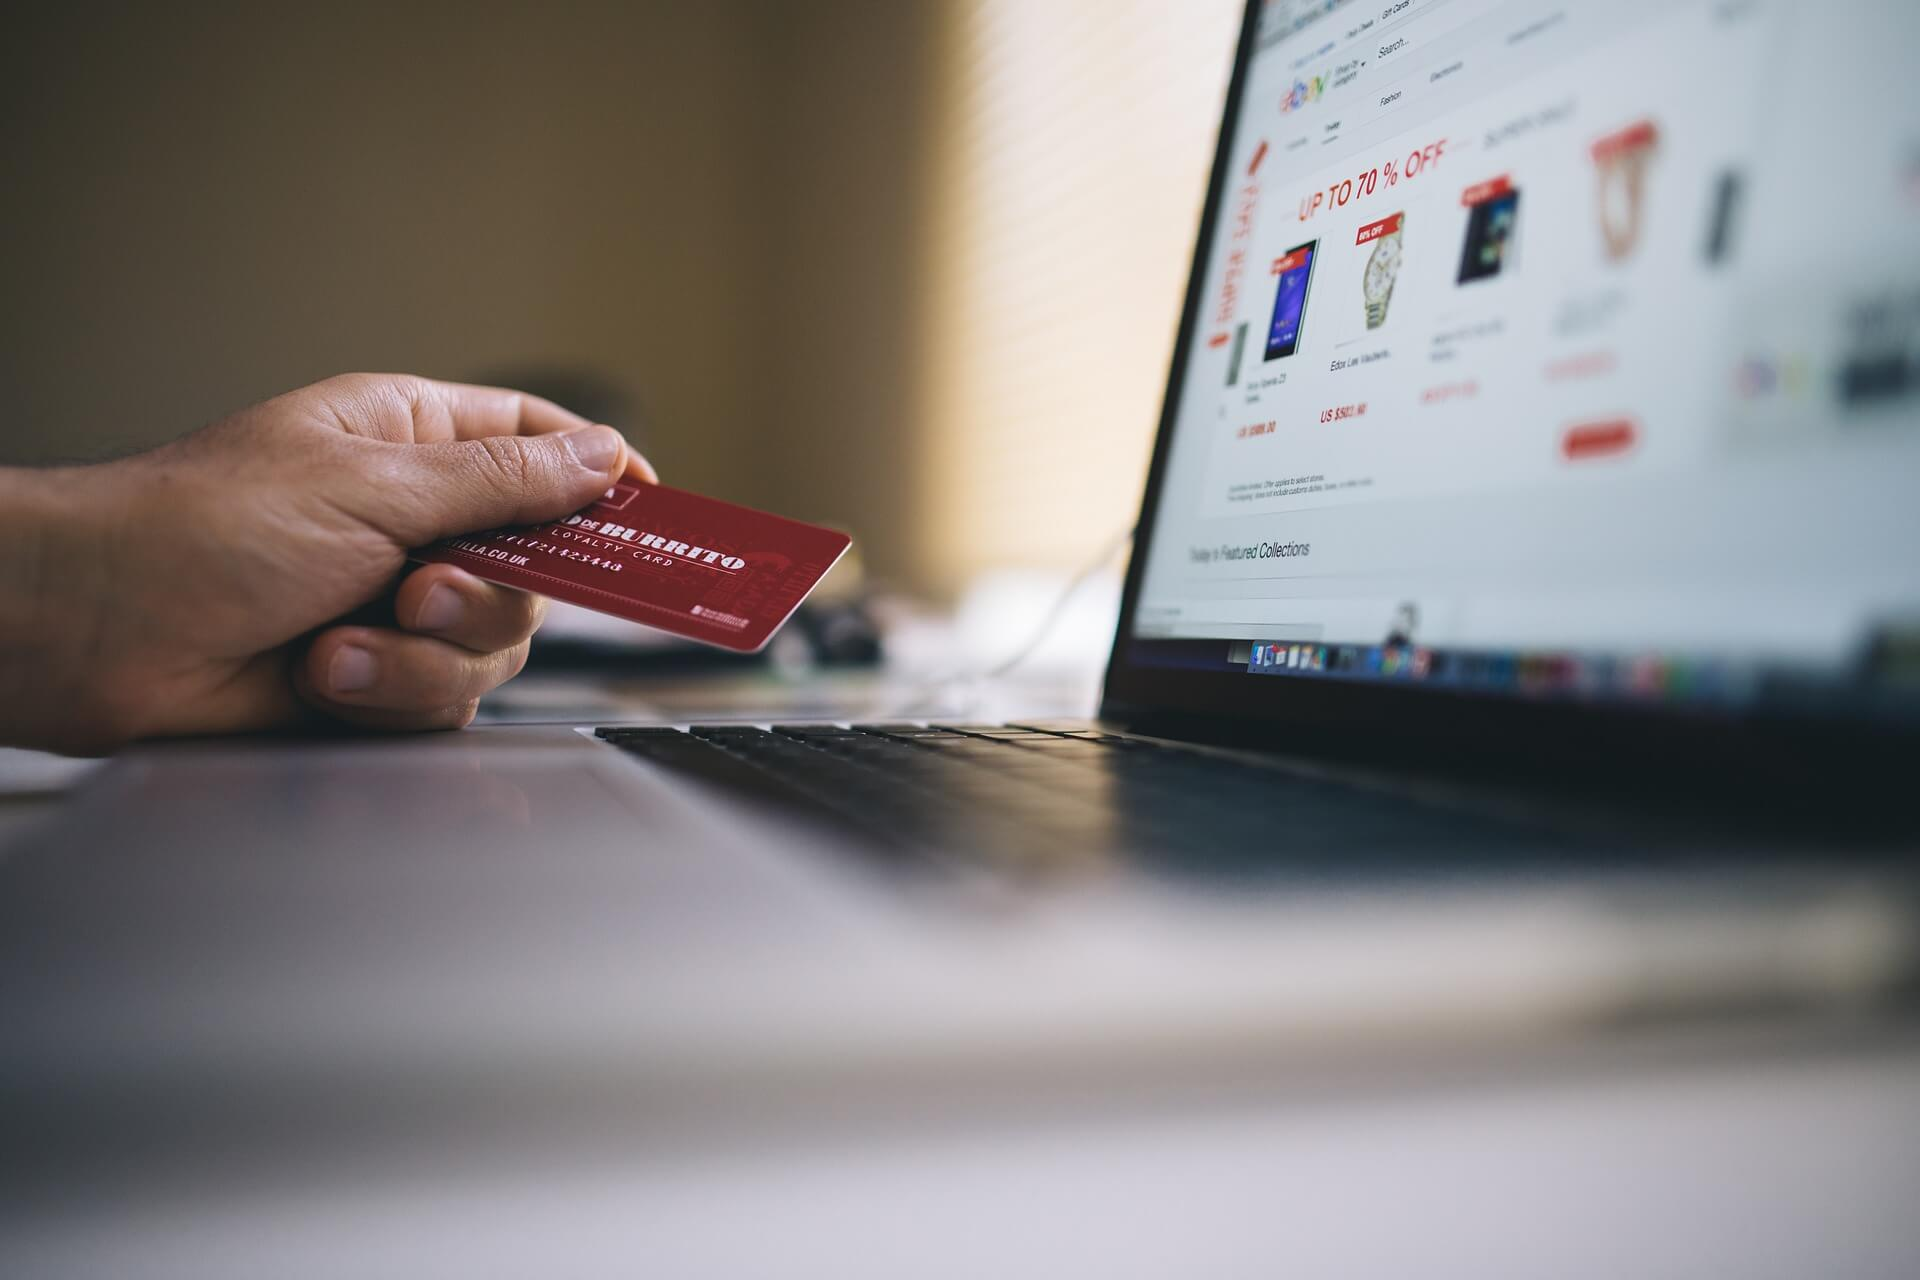 Meios de pagamento: como escolher o melhor para sua empresa